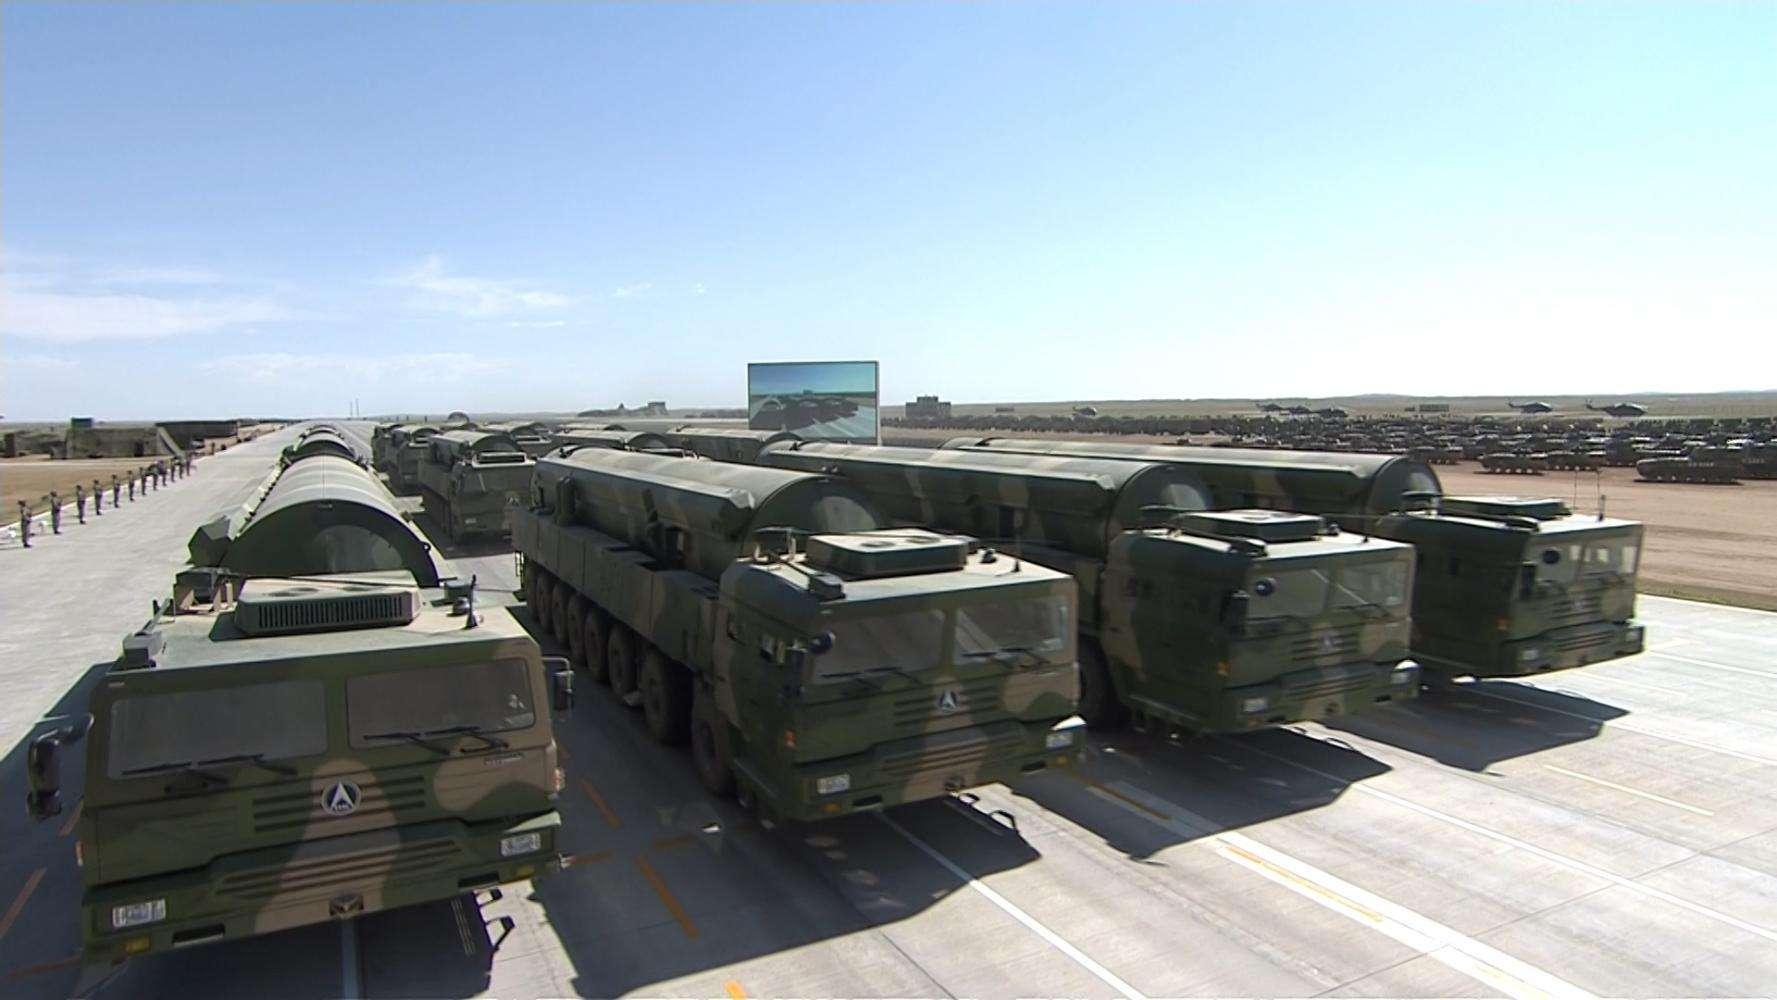 支撑大国地位!中国必须增强可靠的核威慑能力